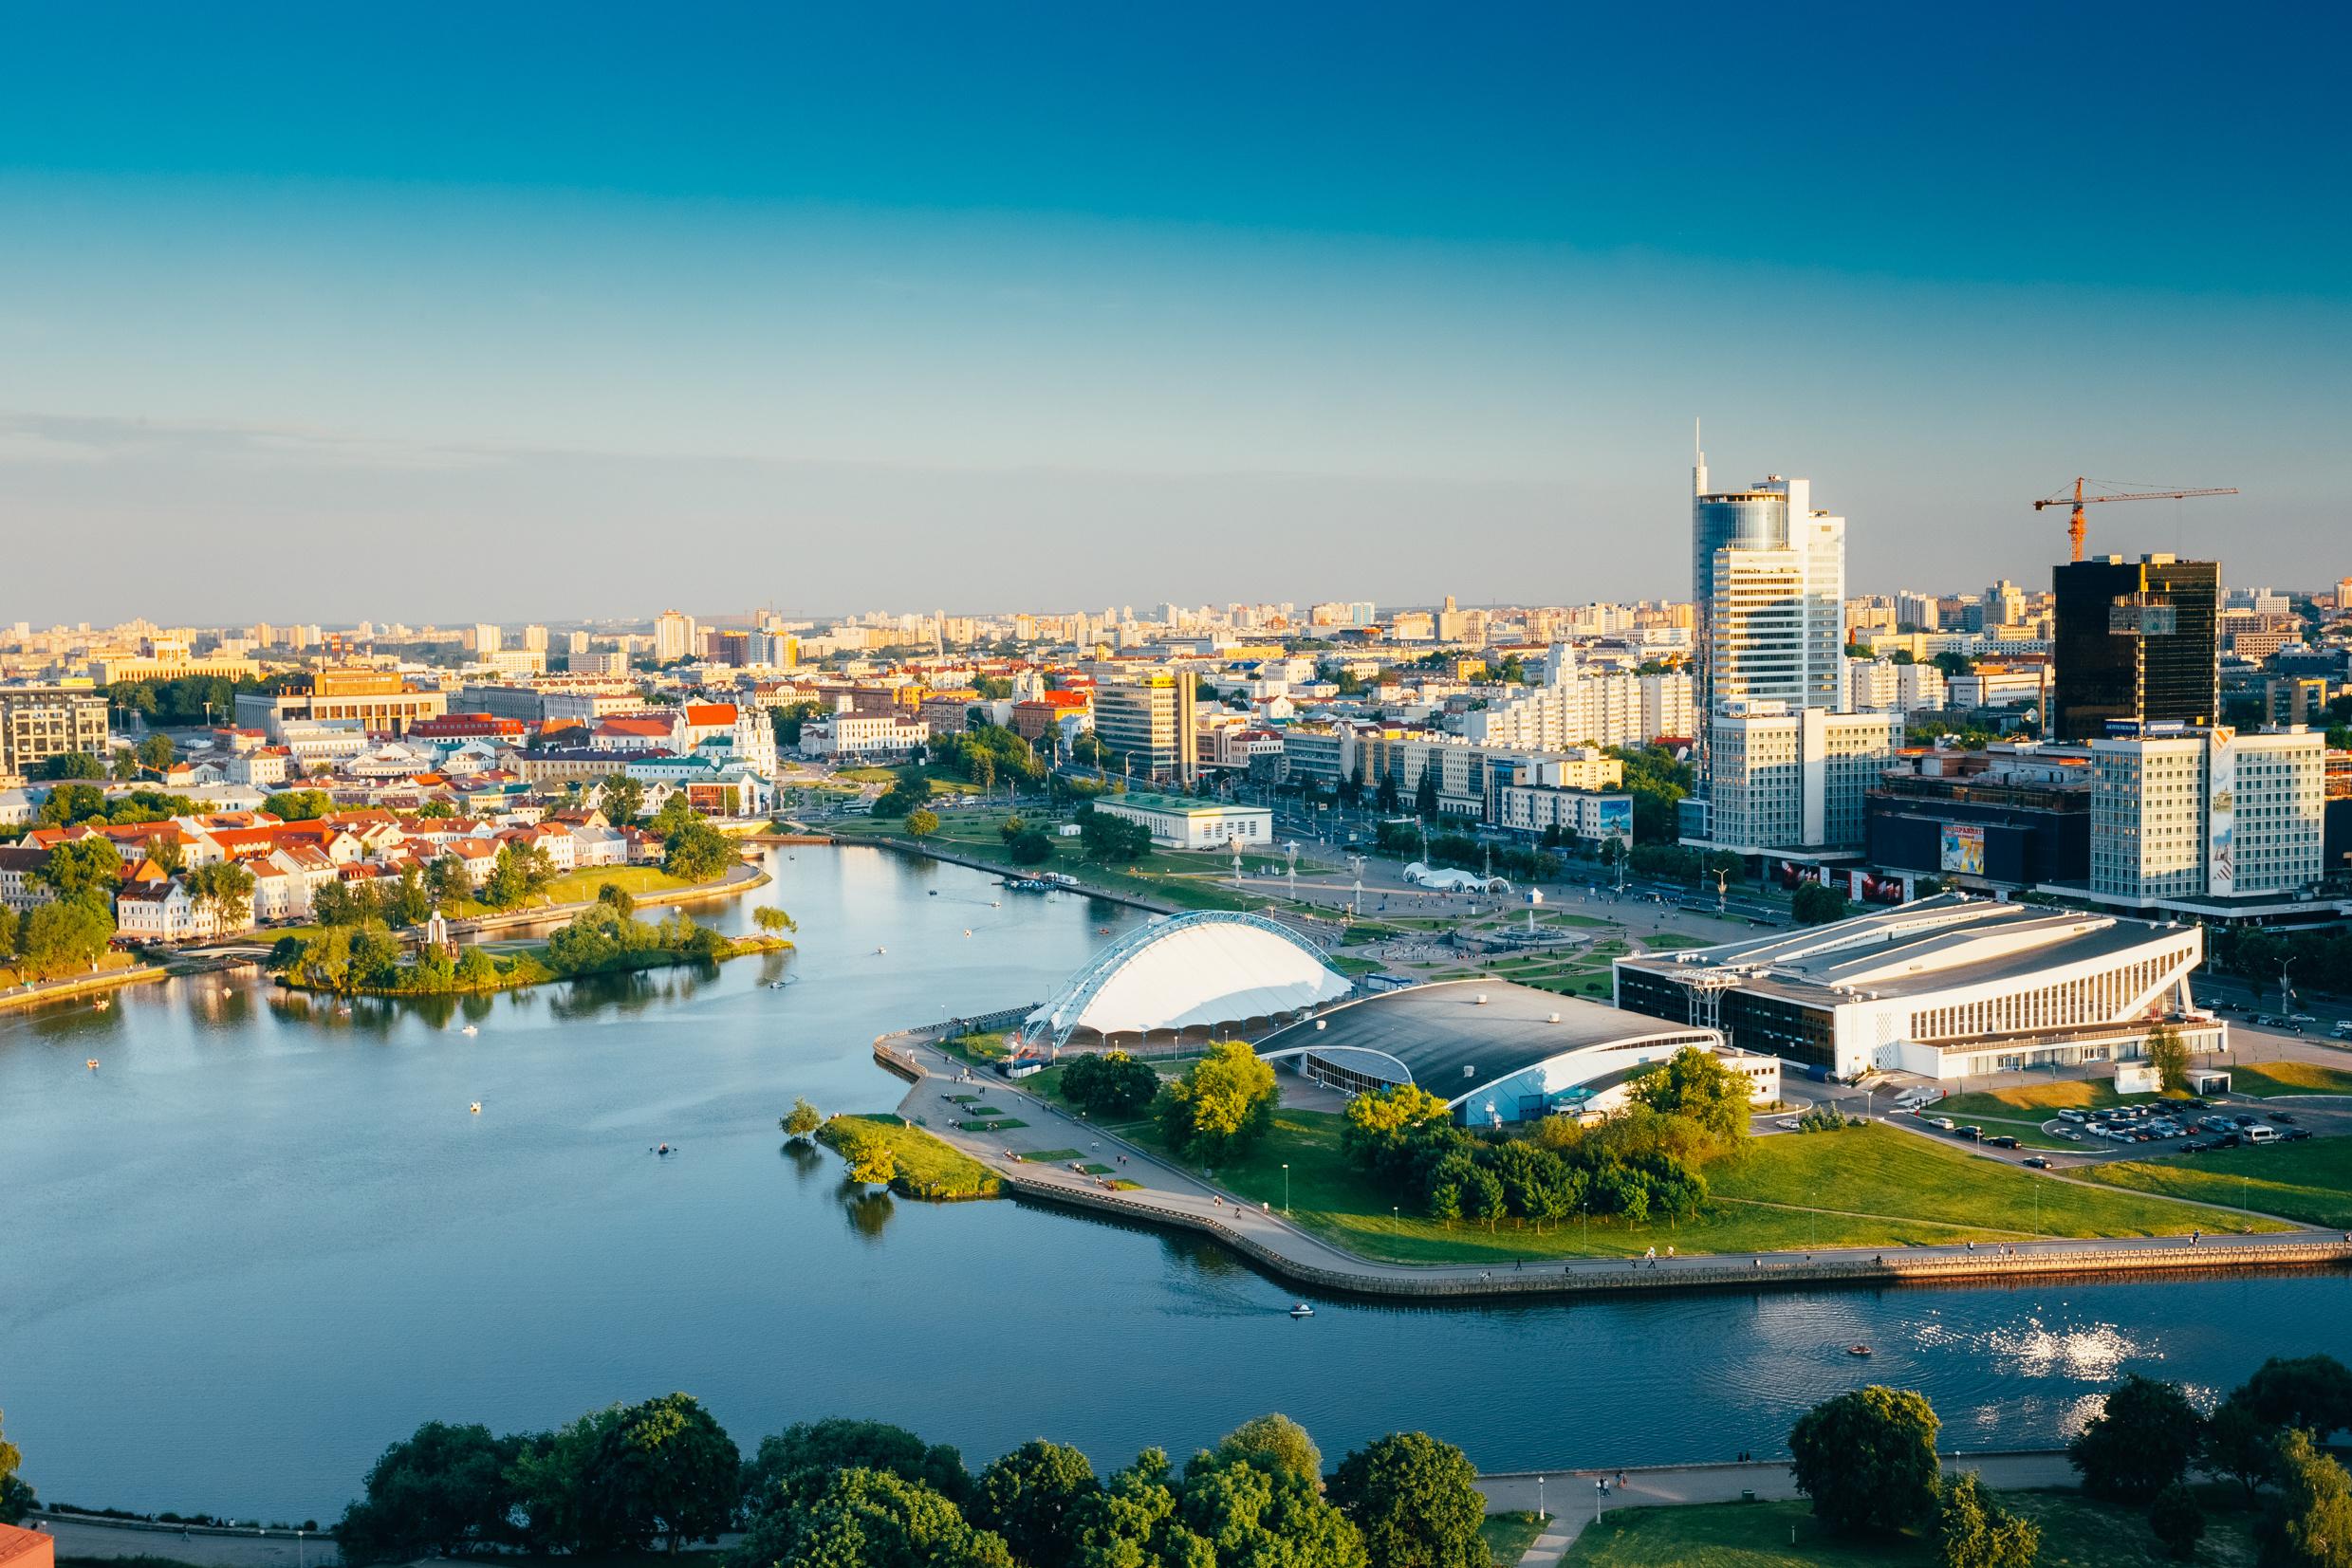 عدد سكان دولة روسيا البيضاء